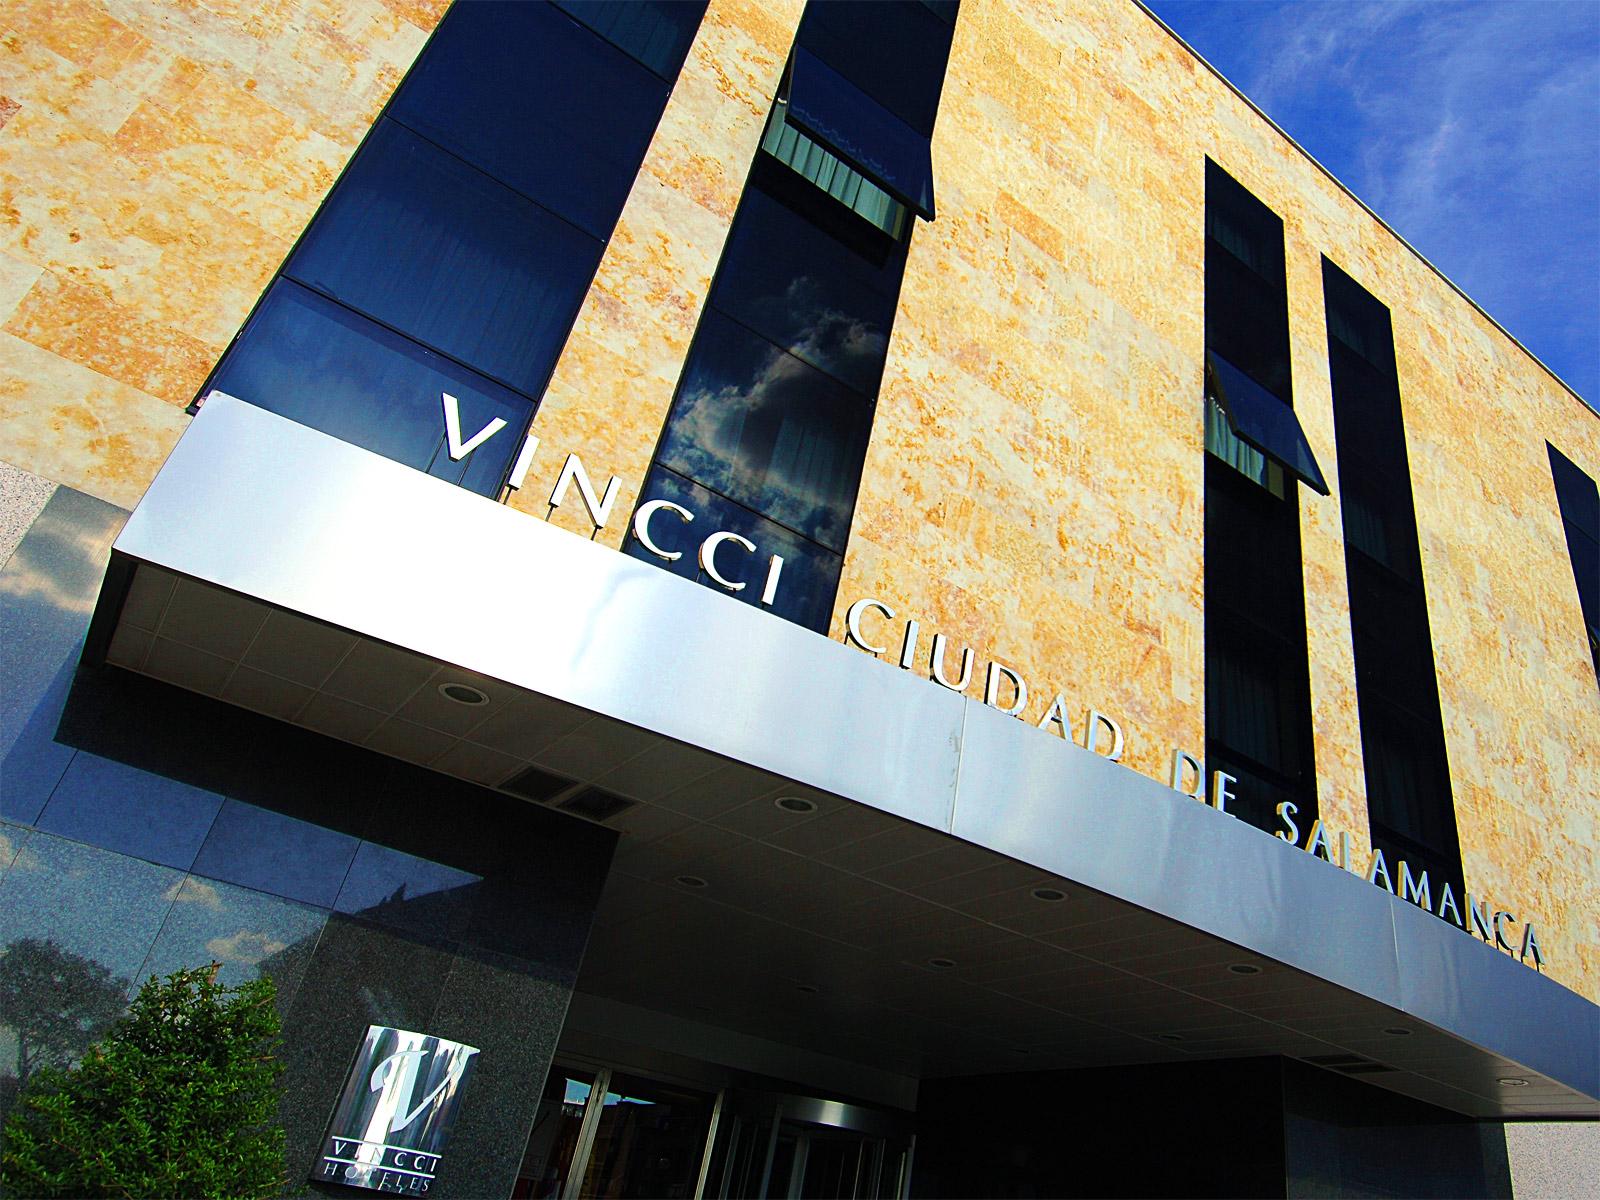 Fachada-Hoteles Vincci. Hotel Vincci Ciudad de Salamanca